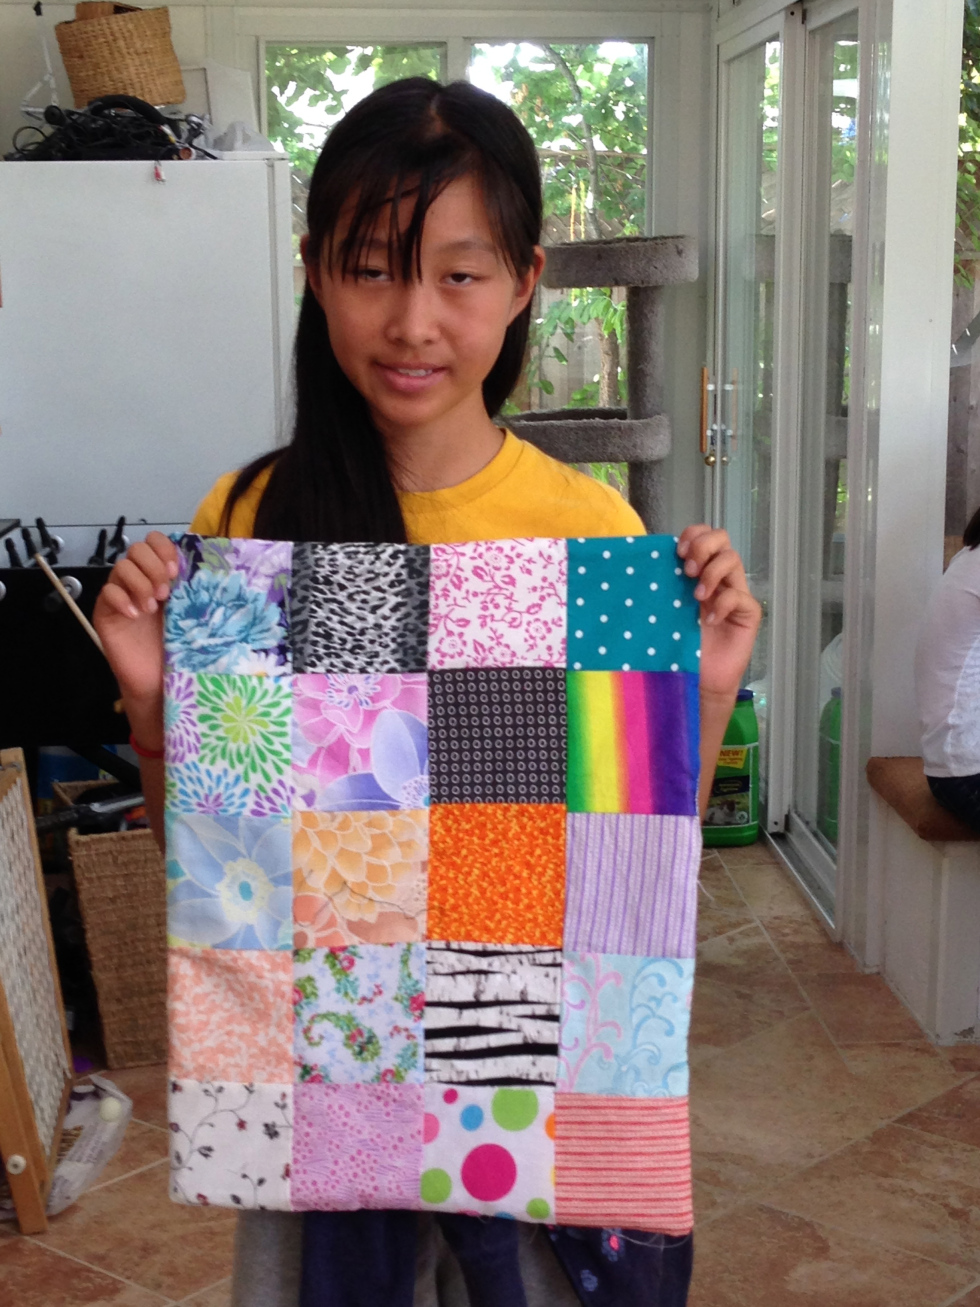 7th grader quilt